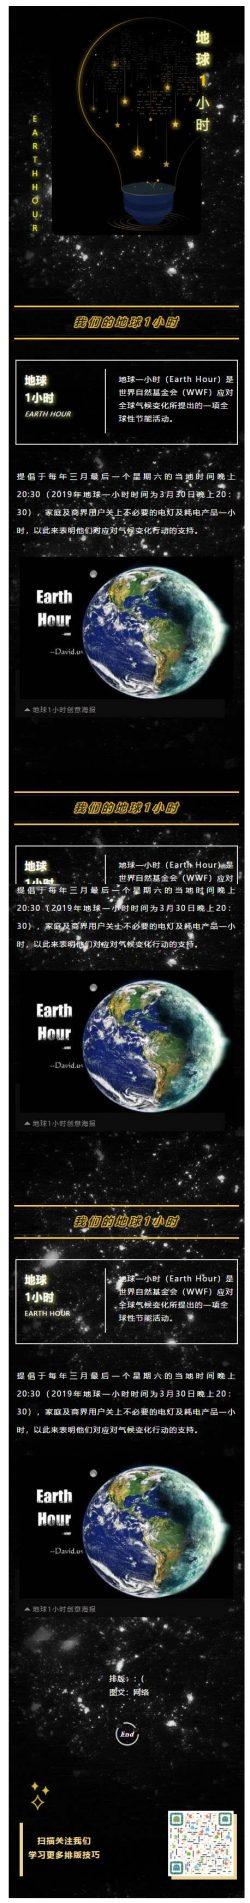 地球1小时环保科技动态背景宇宙星球黑色背景风格模板推送素材图文